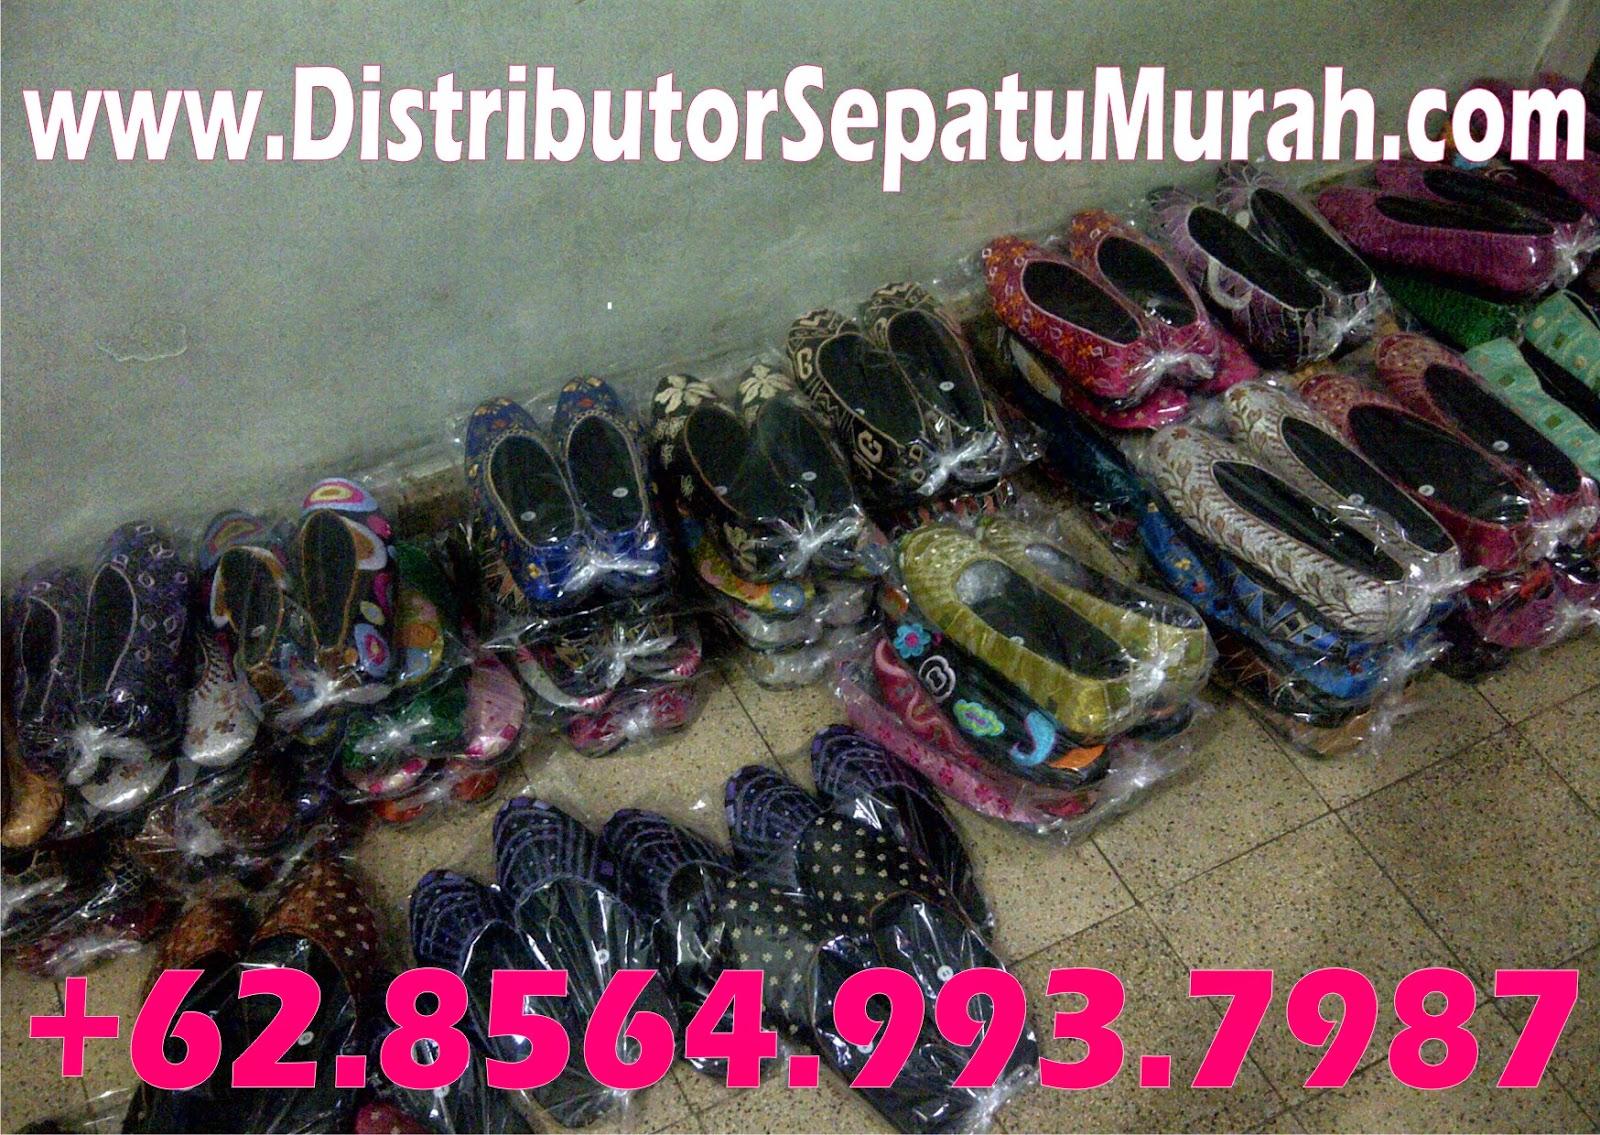 www.distributorsepatumurah.com